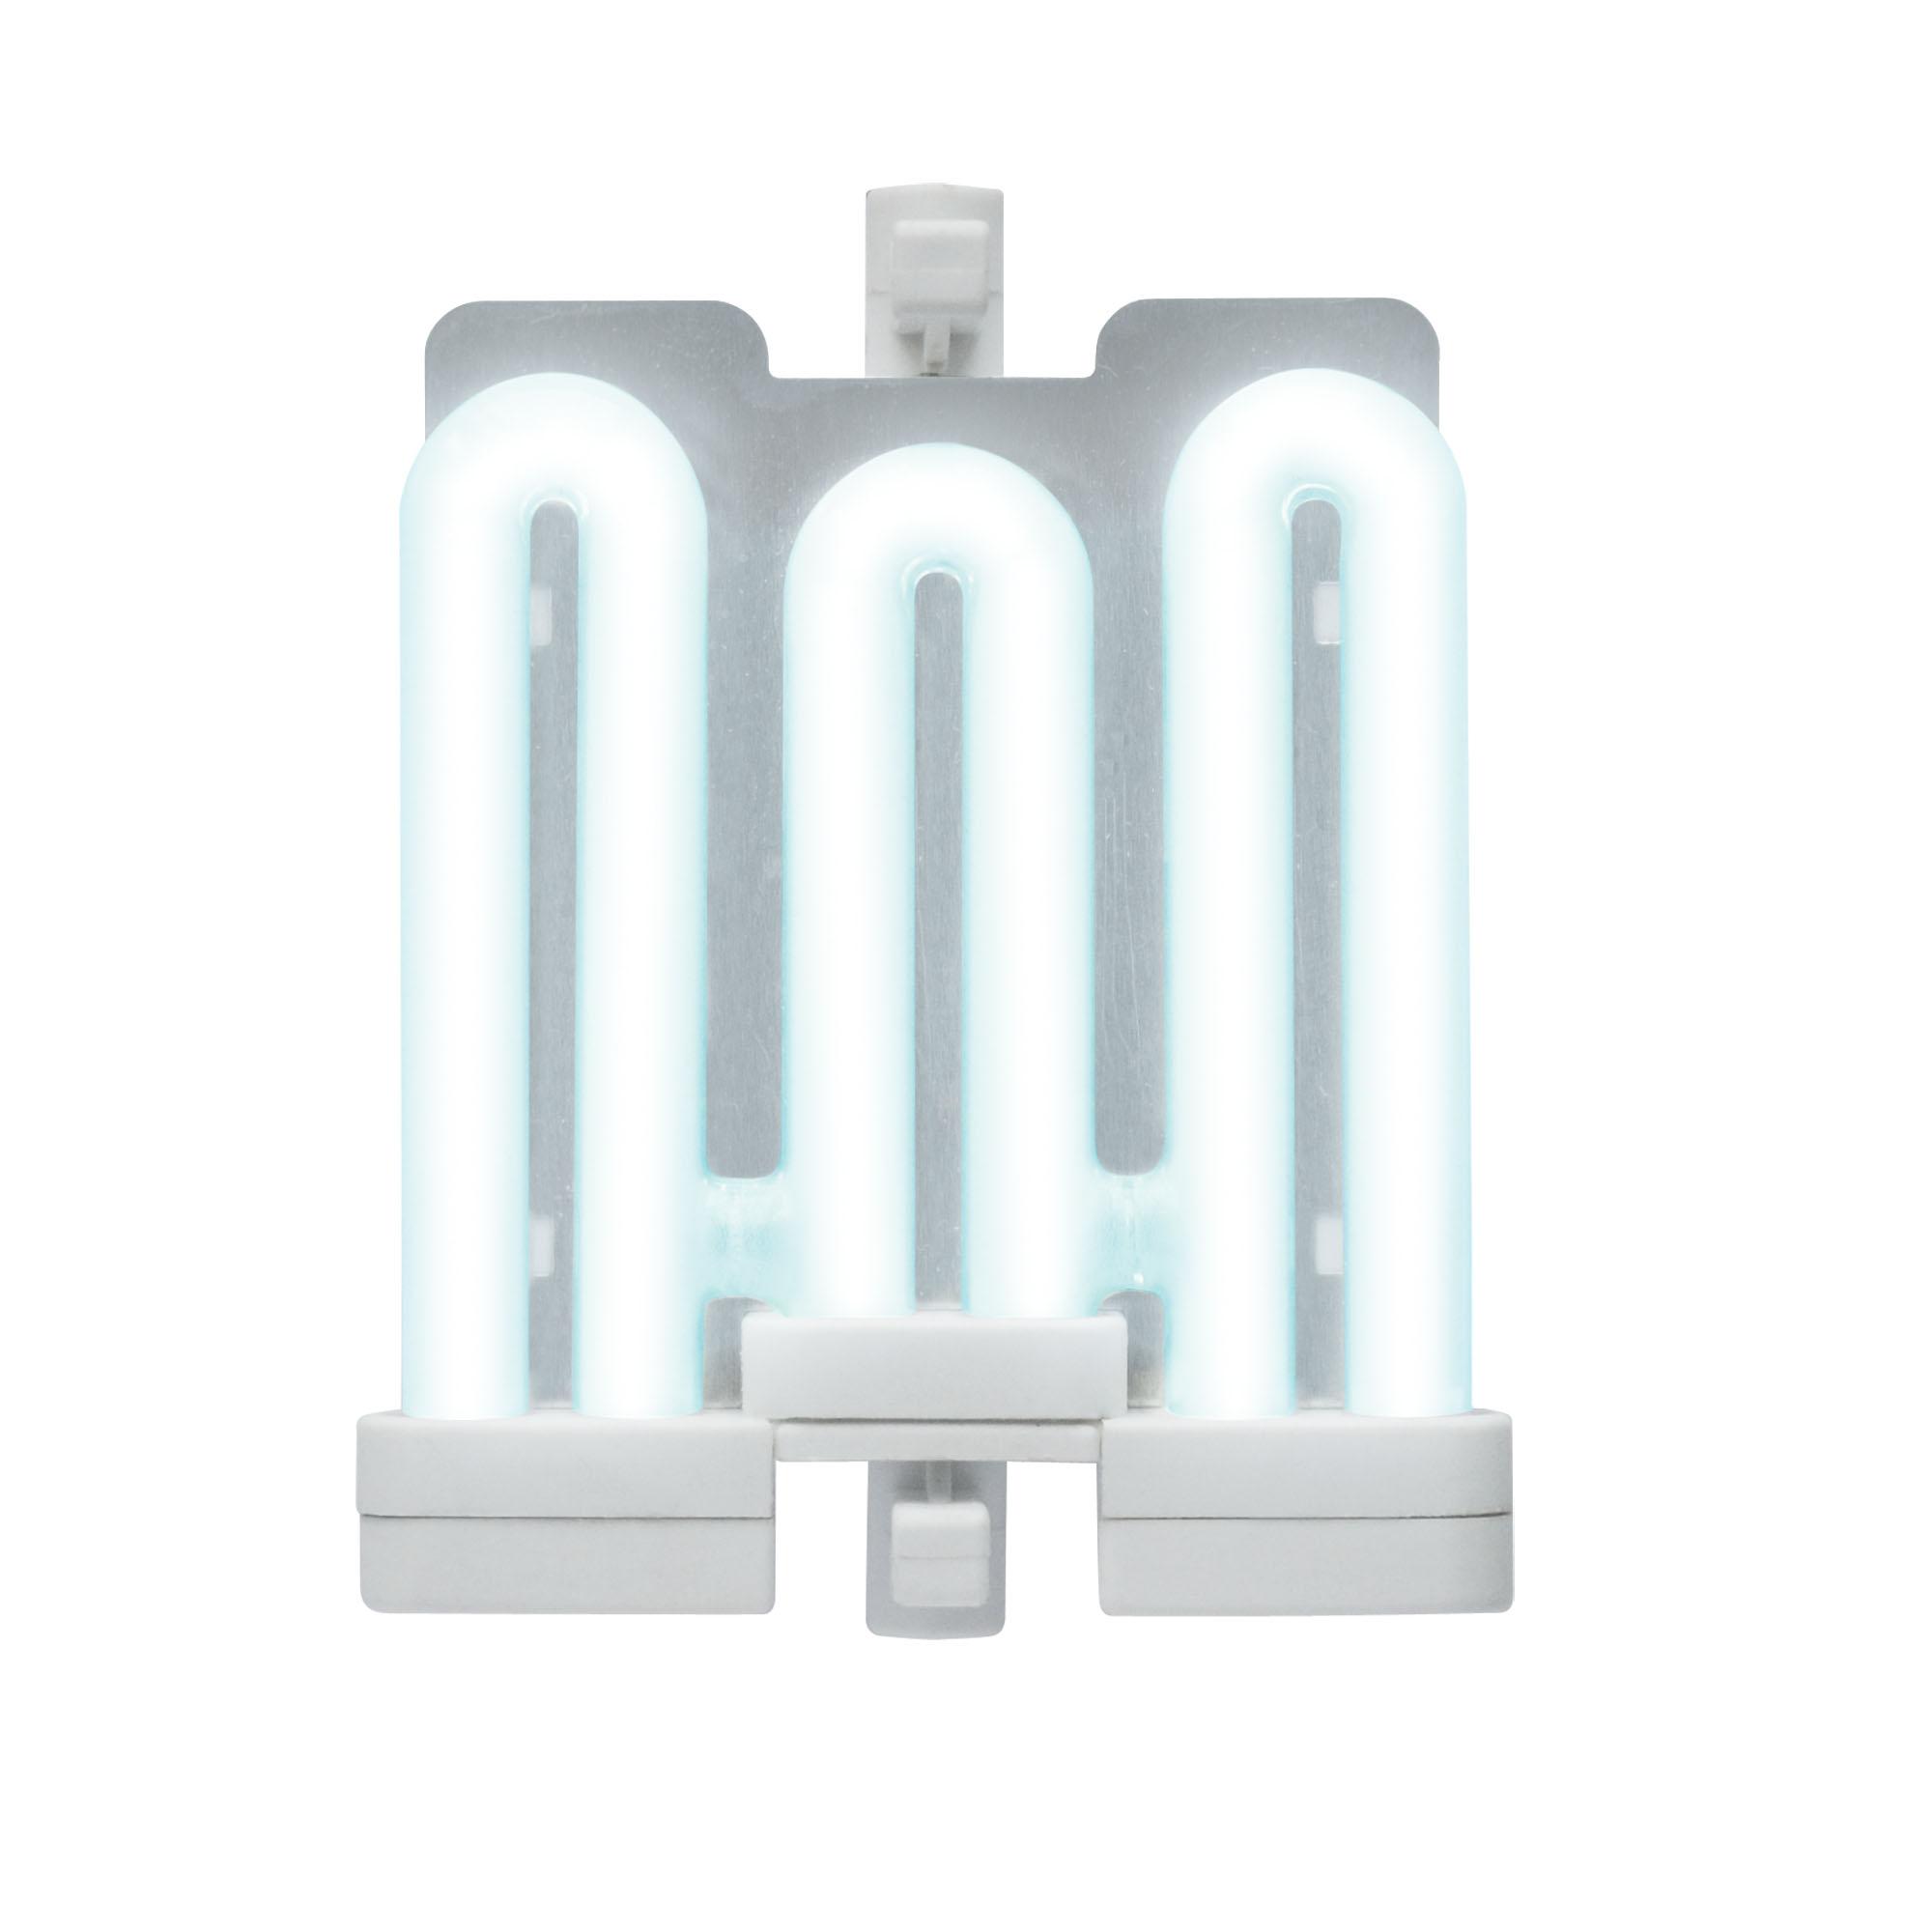 Лампа энергосберегающая Uniel Esl-322-20/4000/r7s 24шт profoam 4000 в москве